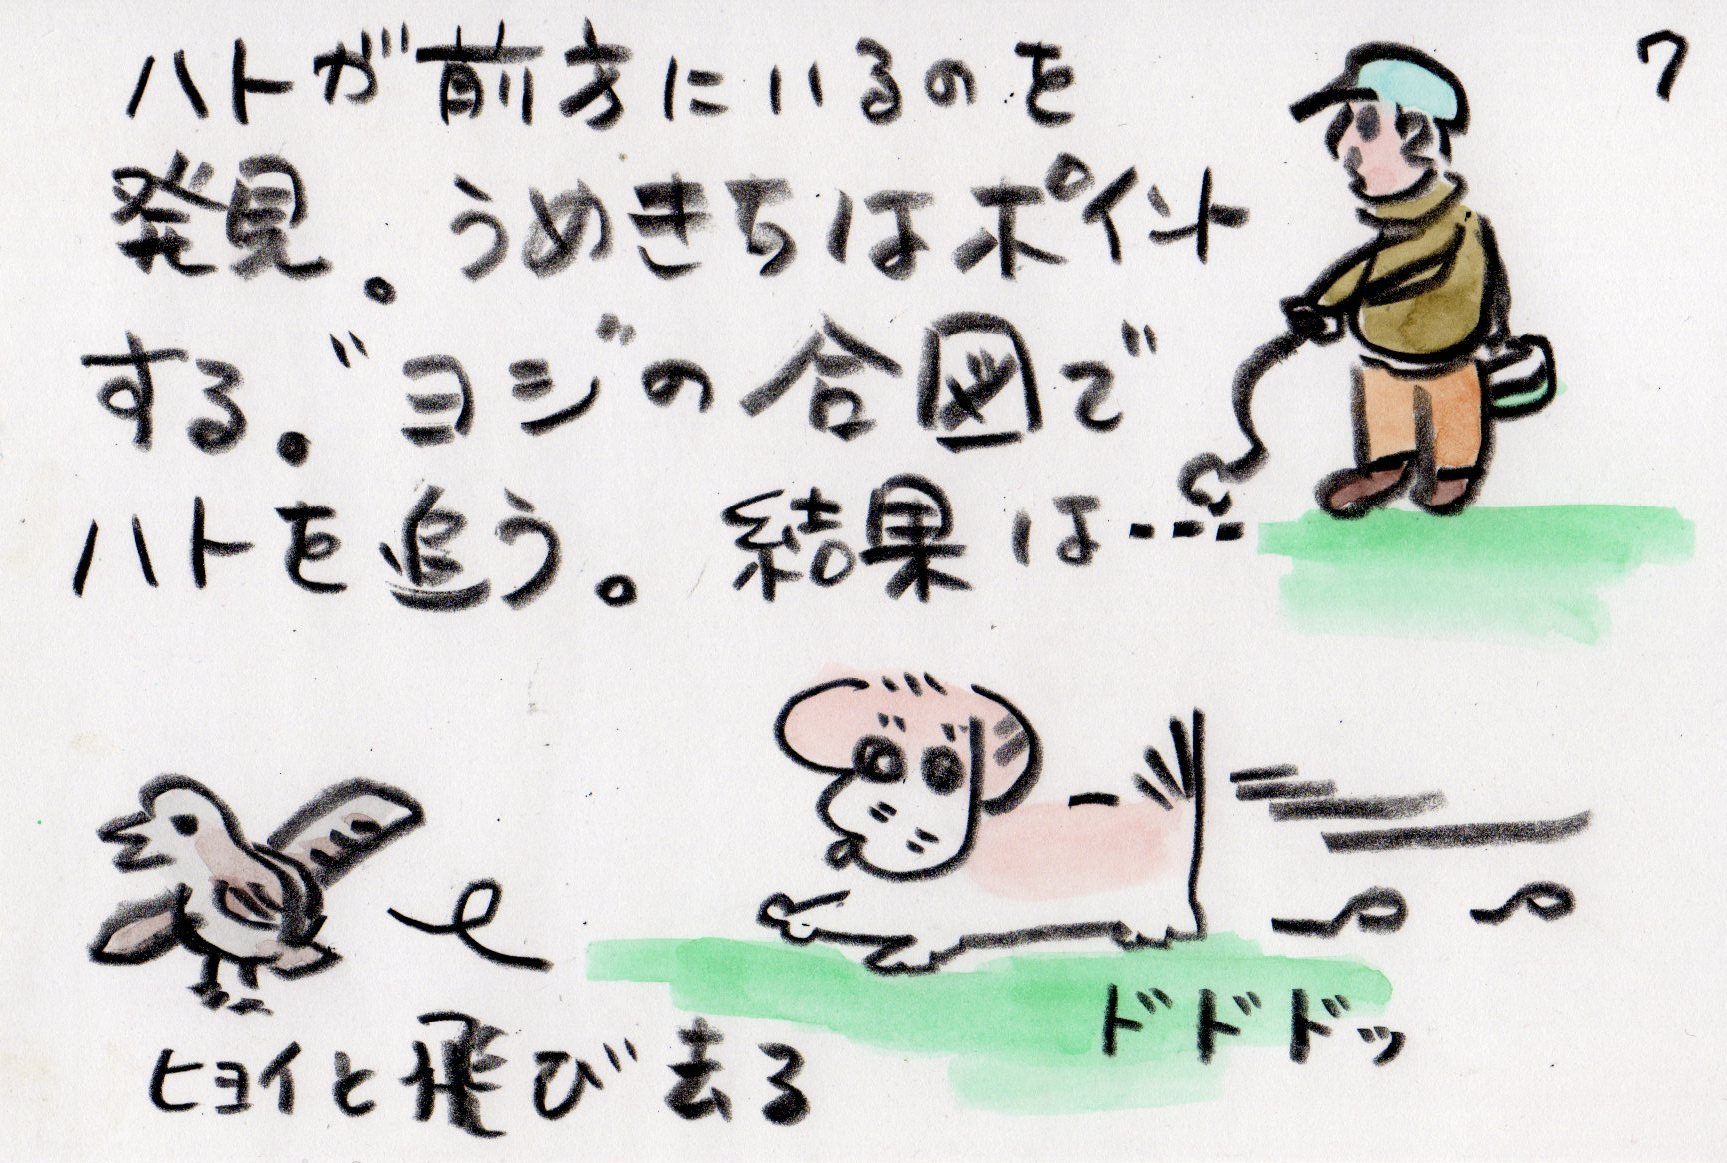 狩人と犬 うめきちの場合_e0232277_10535916.jpg